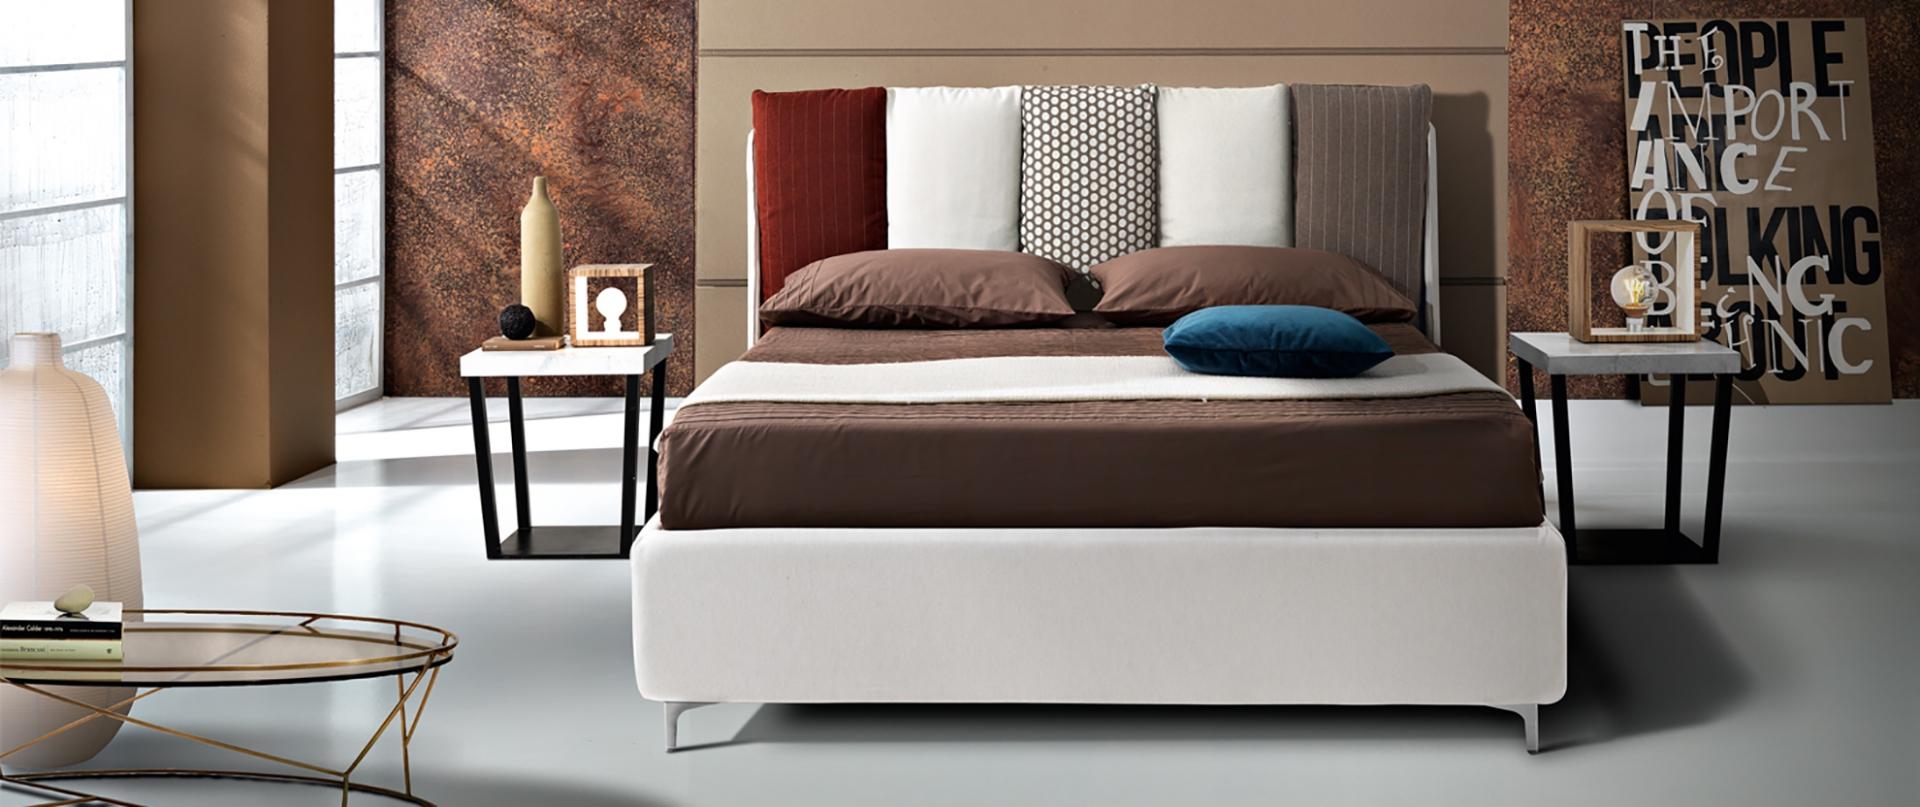 кровати Artigiana Letti